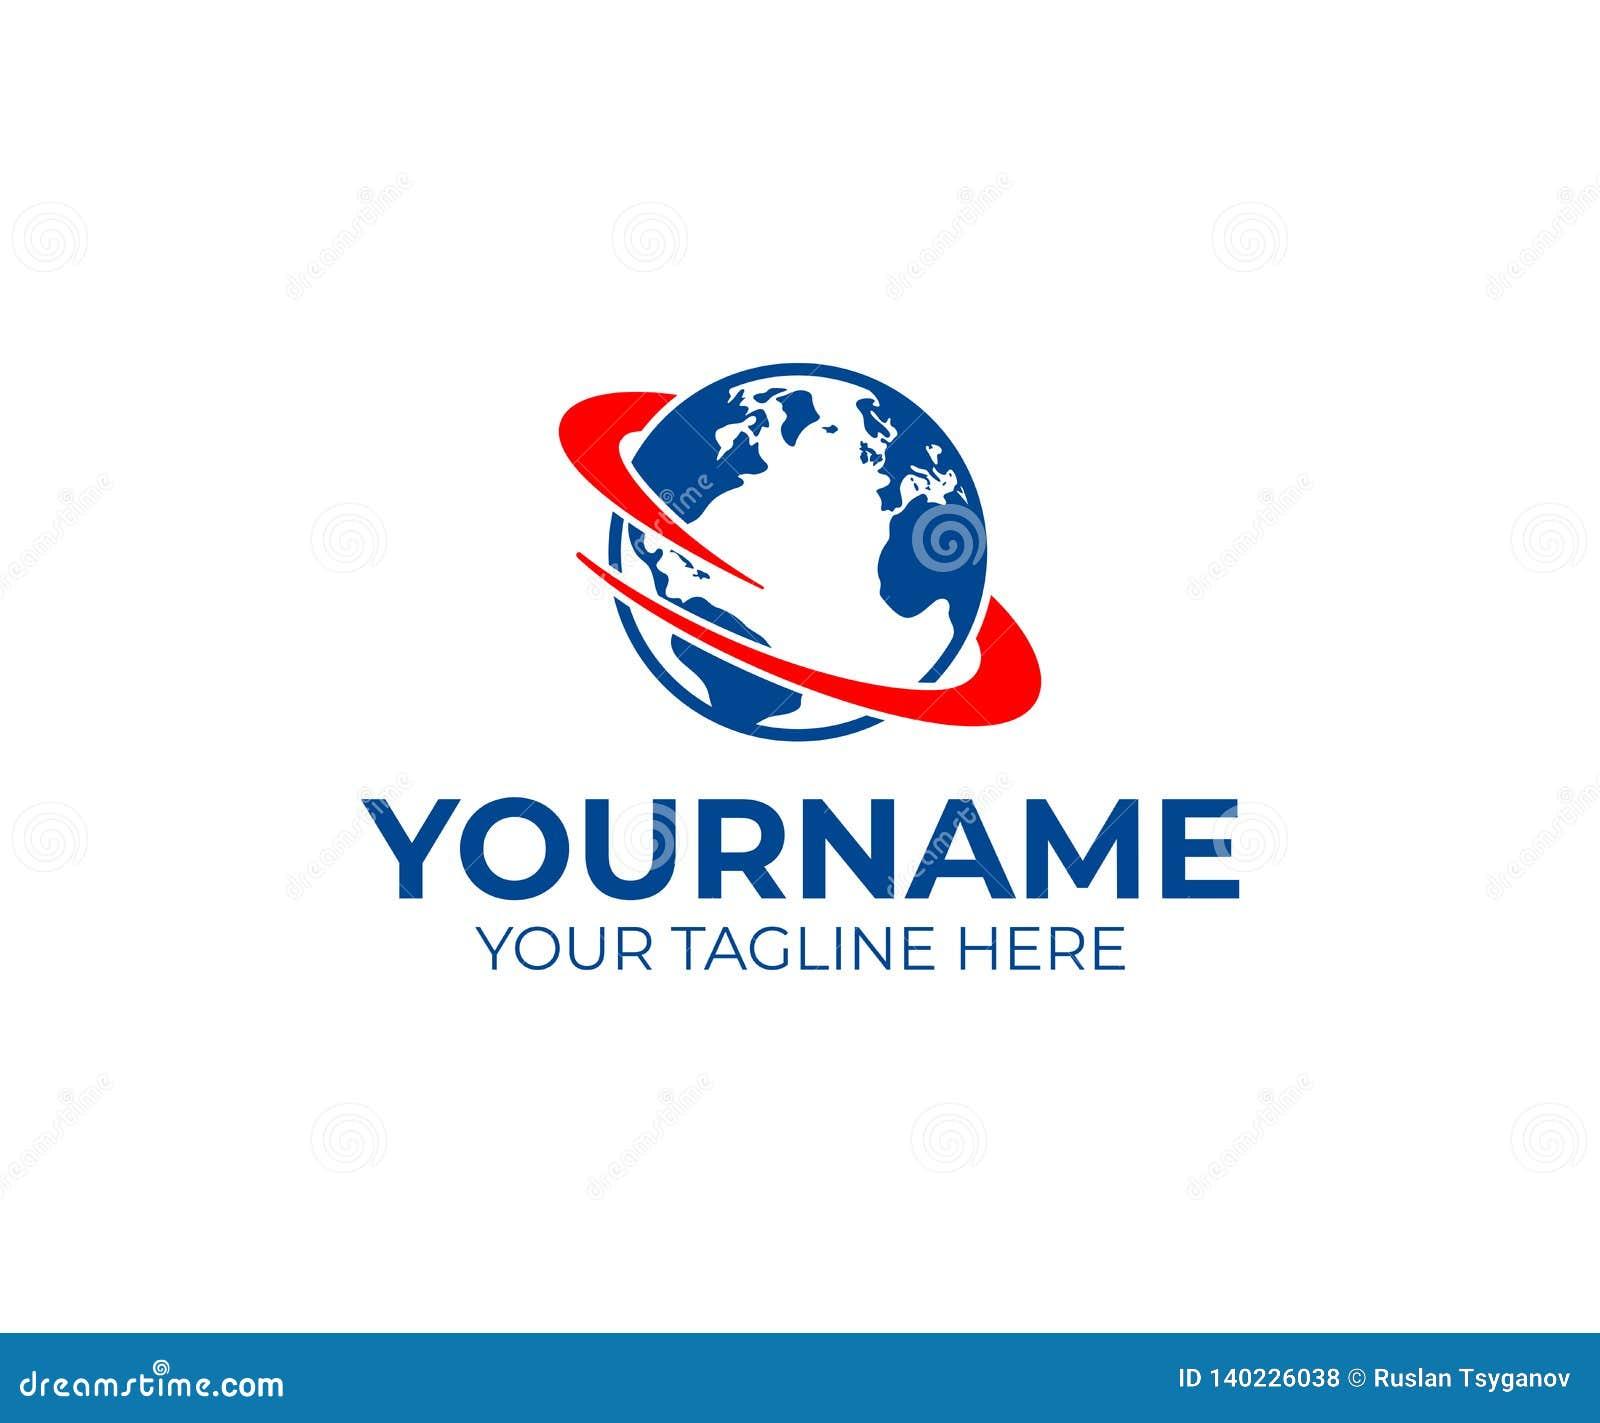 Tierra logística, del planeta con vuelta o remolino alrededor de él, diseño del logotipo Logística, entrega rápida de mercancías